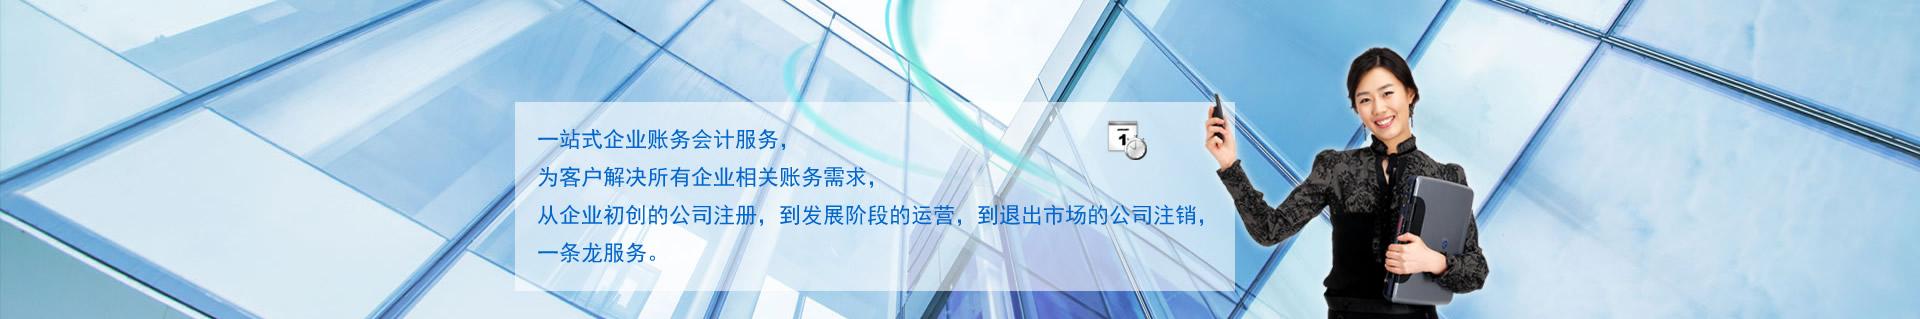 公司火狐体育官方网站